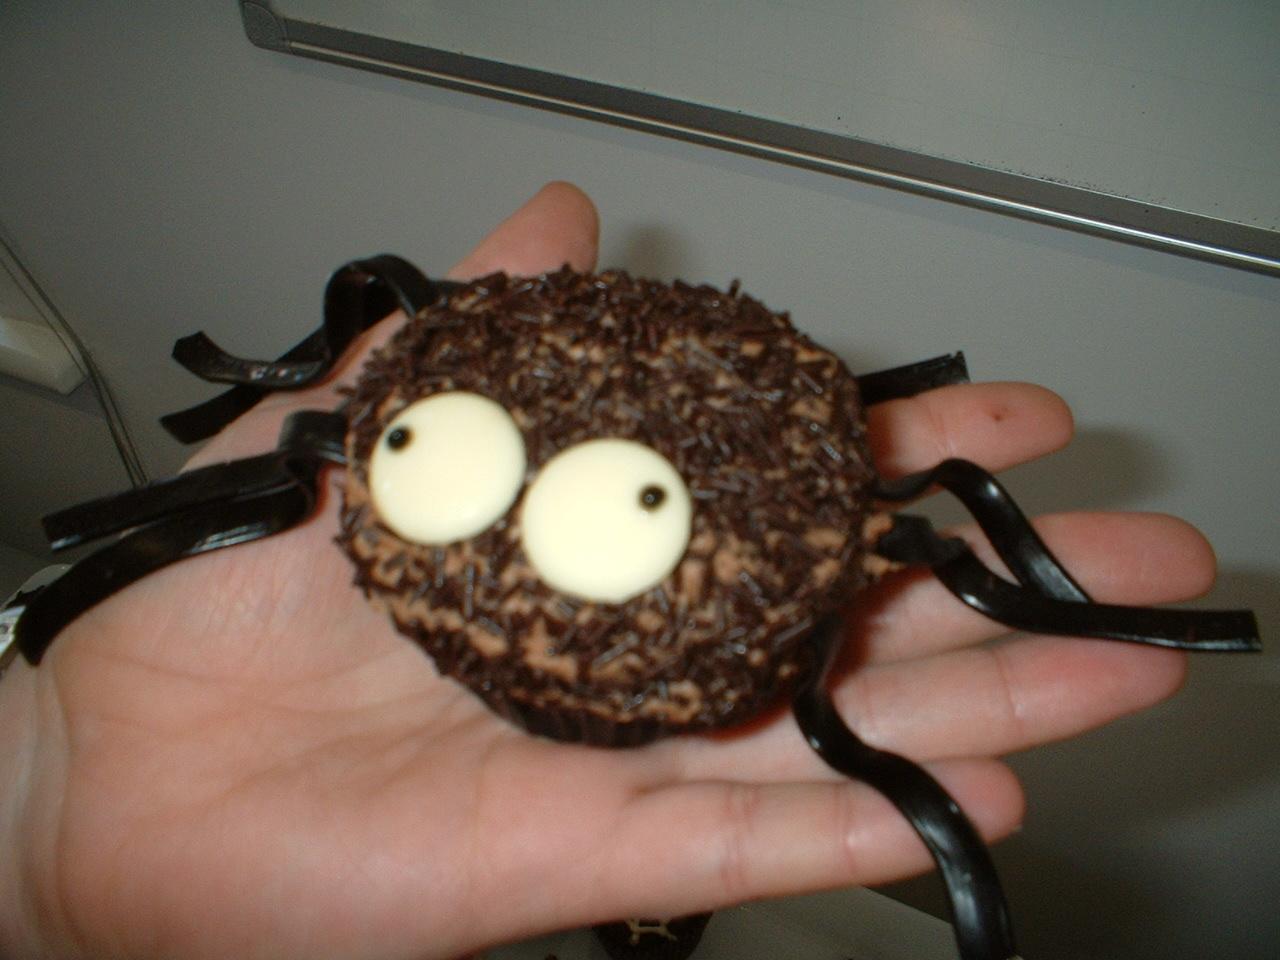 http://4.bp.blogspot.com/_nxqxtkxEJSU/TFFmA-tlFXI/AAAAAAAAAFk/MbyeGXO4fDE/s1600/Spider%2Bhand.jpg